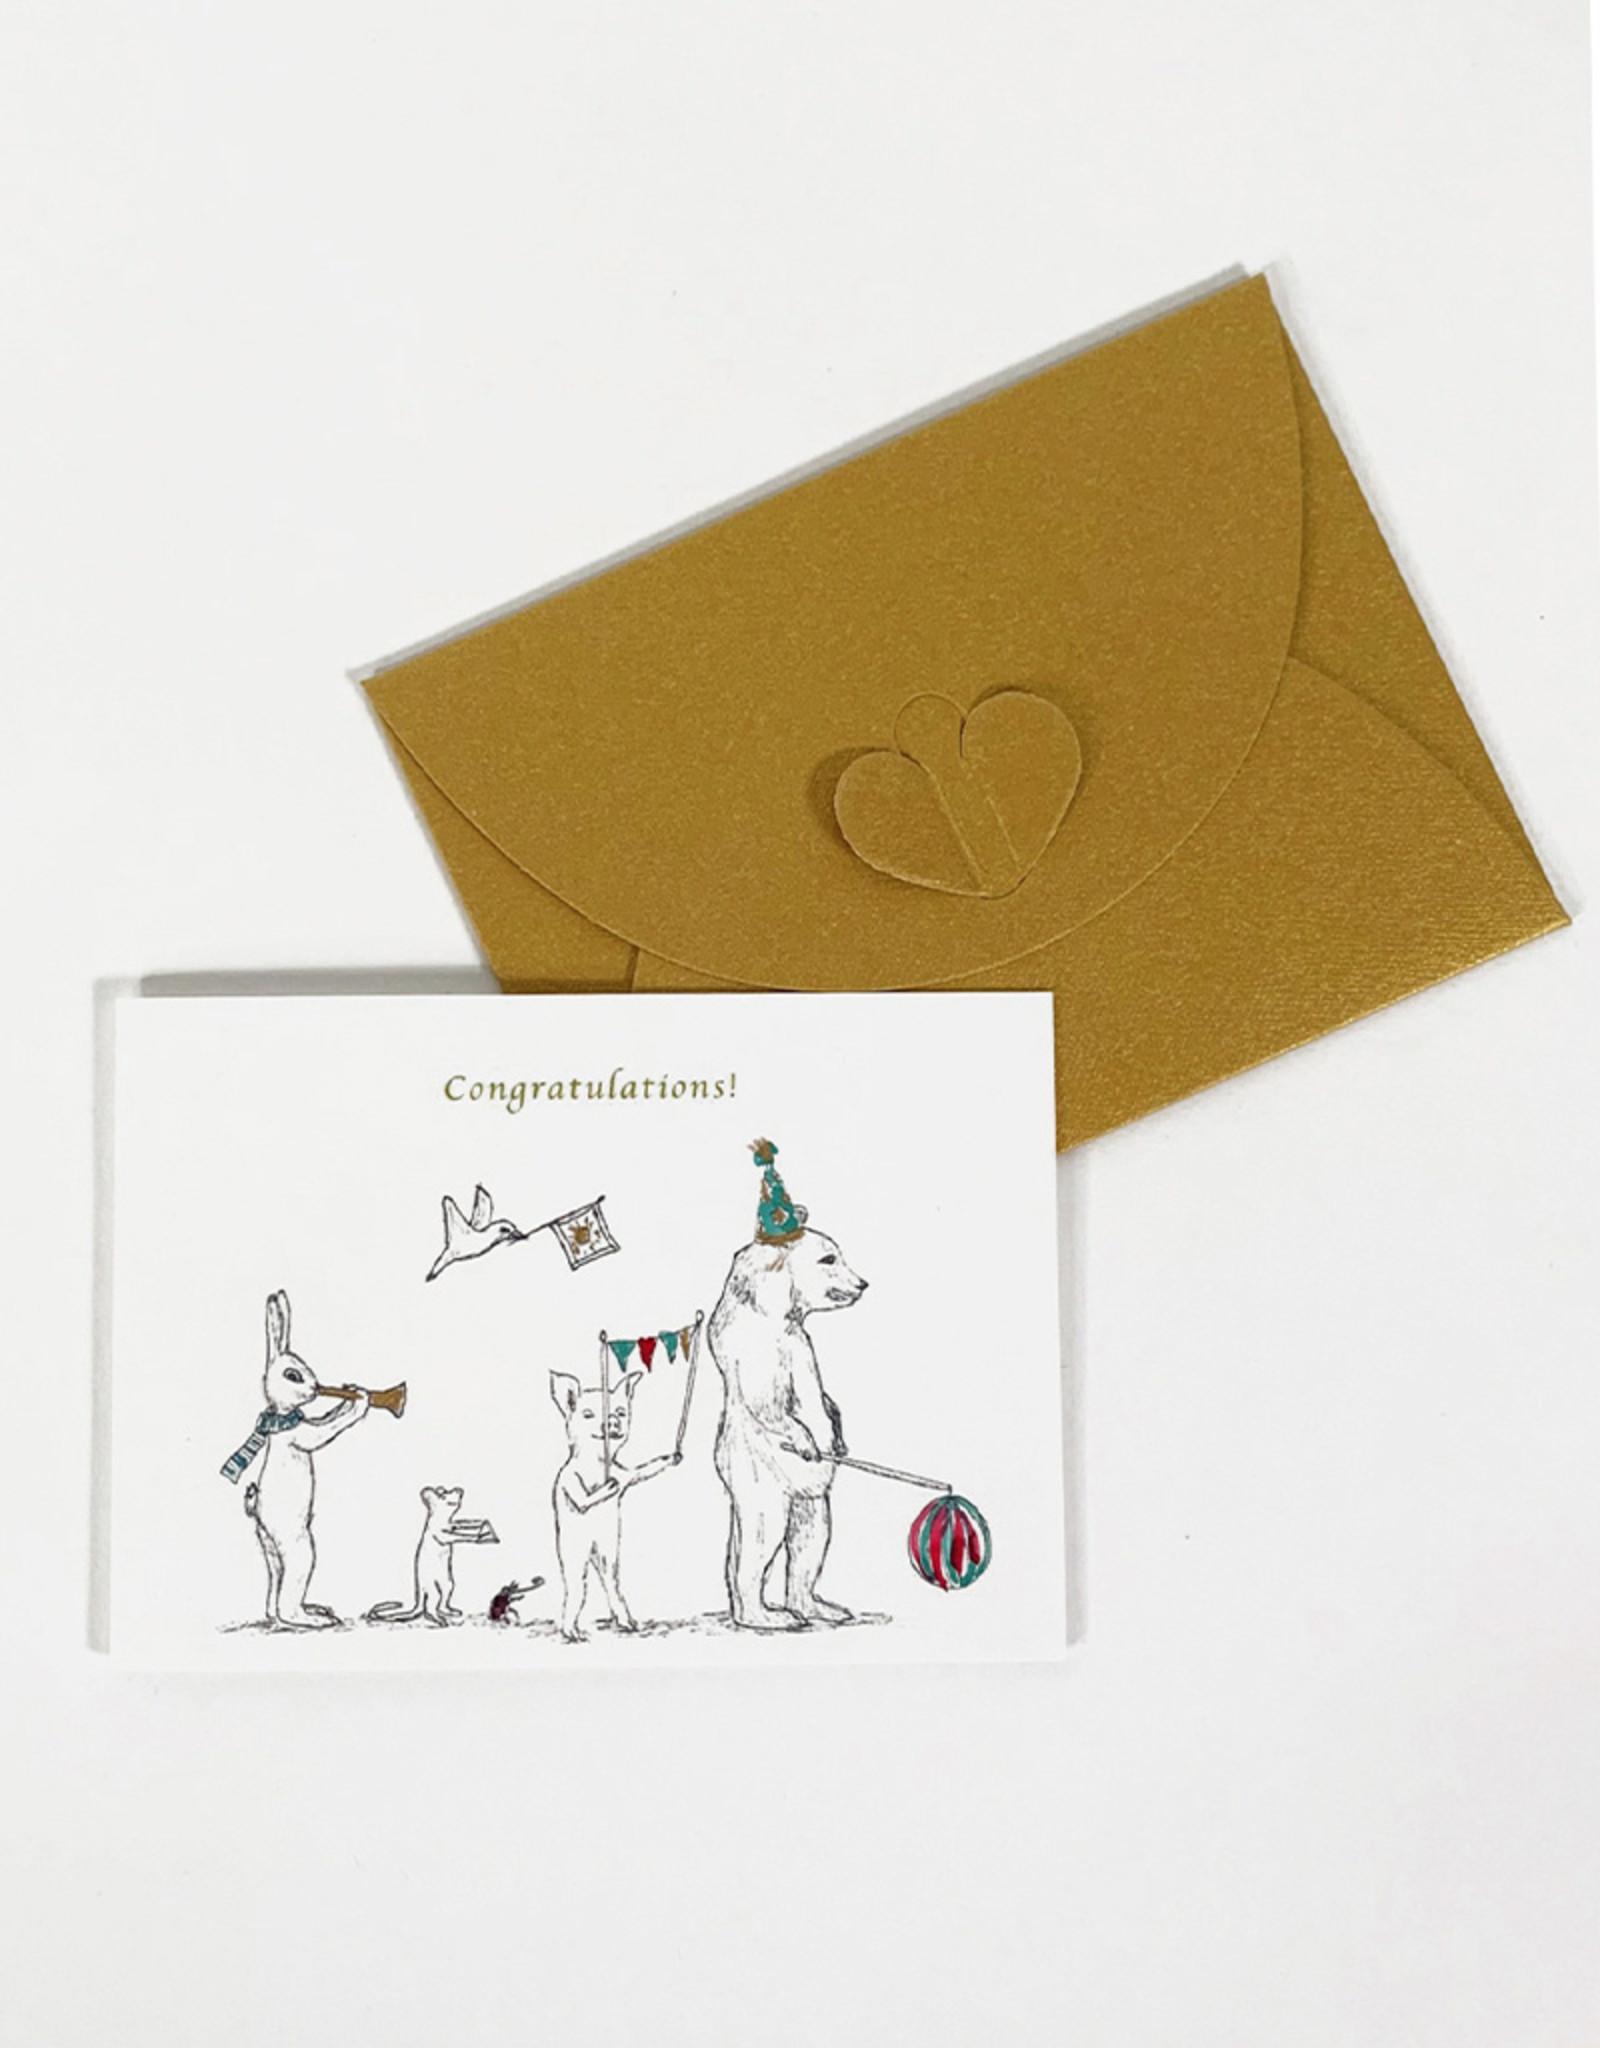 Marlies Boomsma Gift card Congratulations -Marlies Boomsma